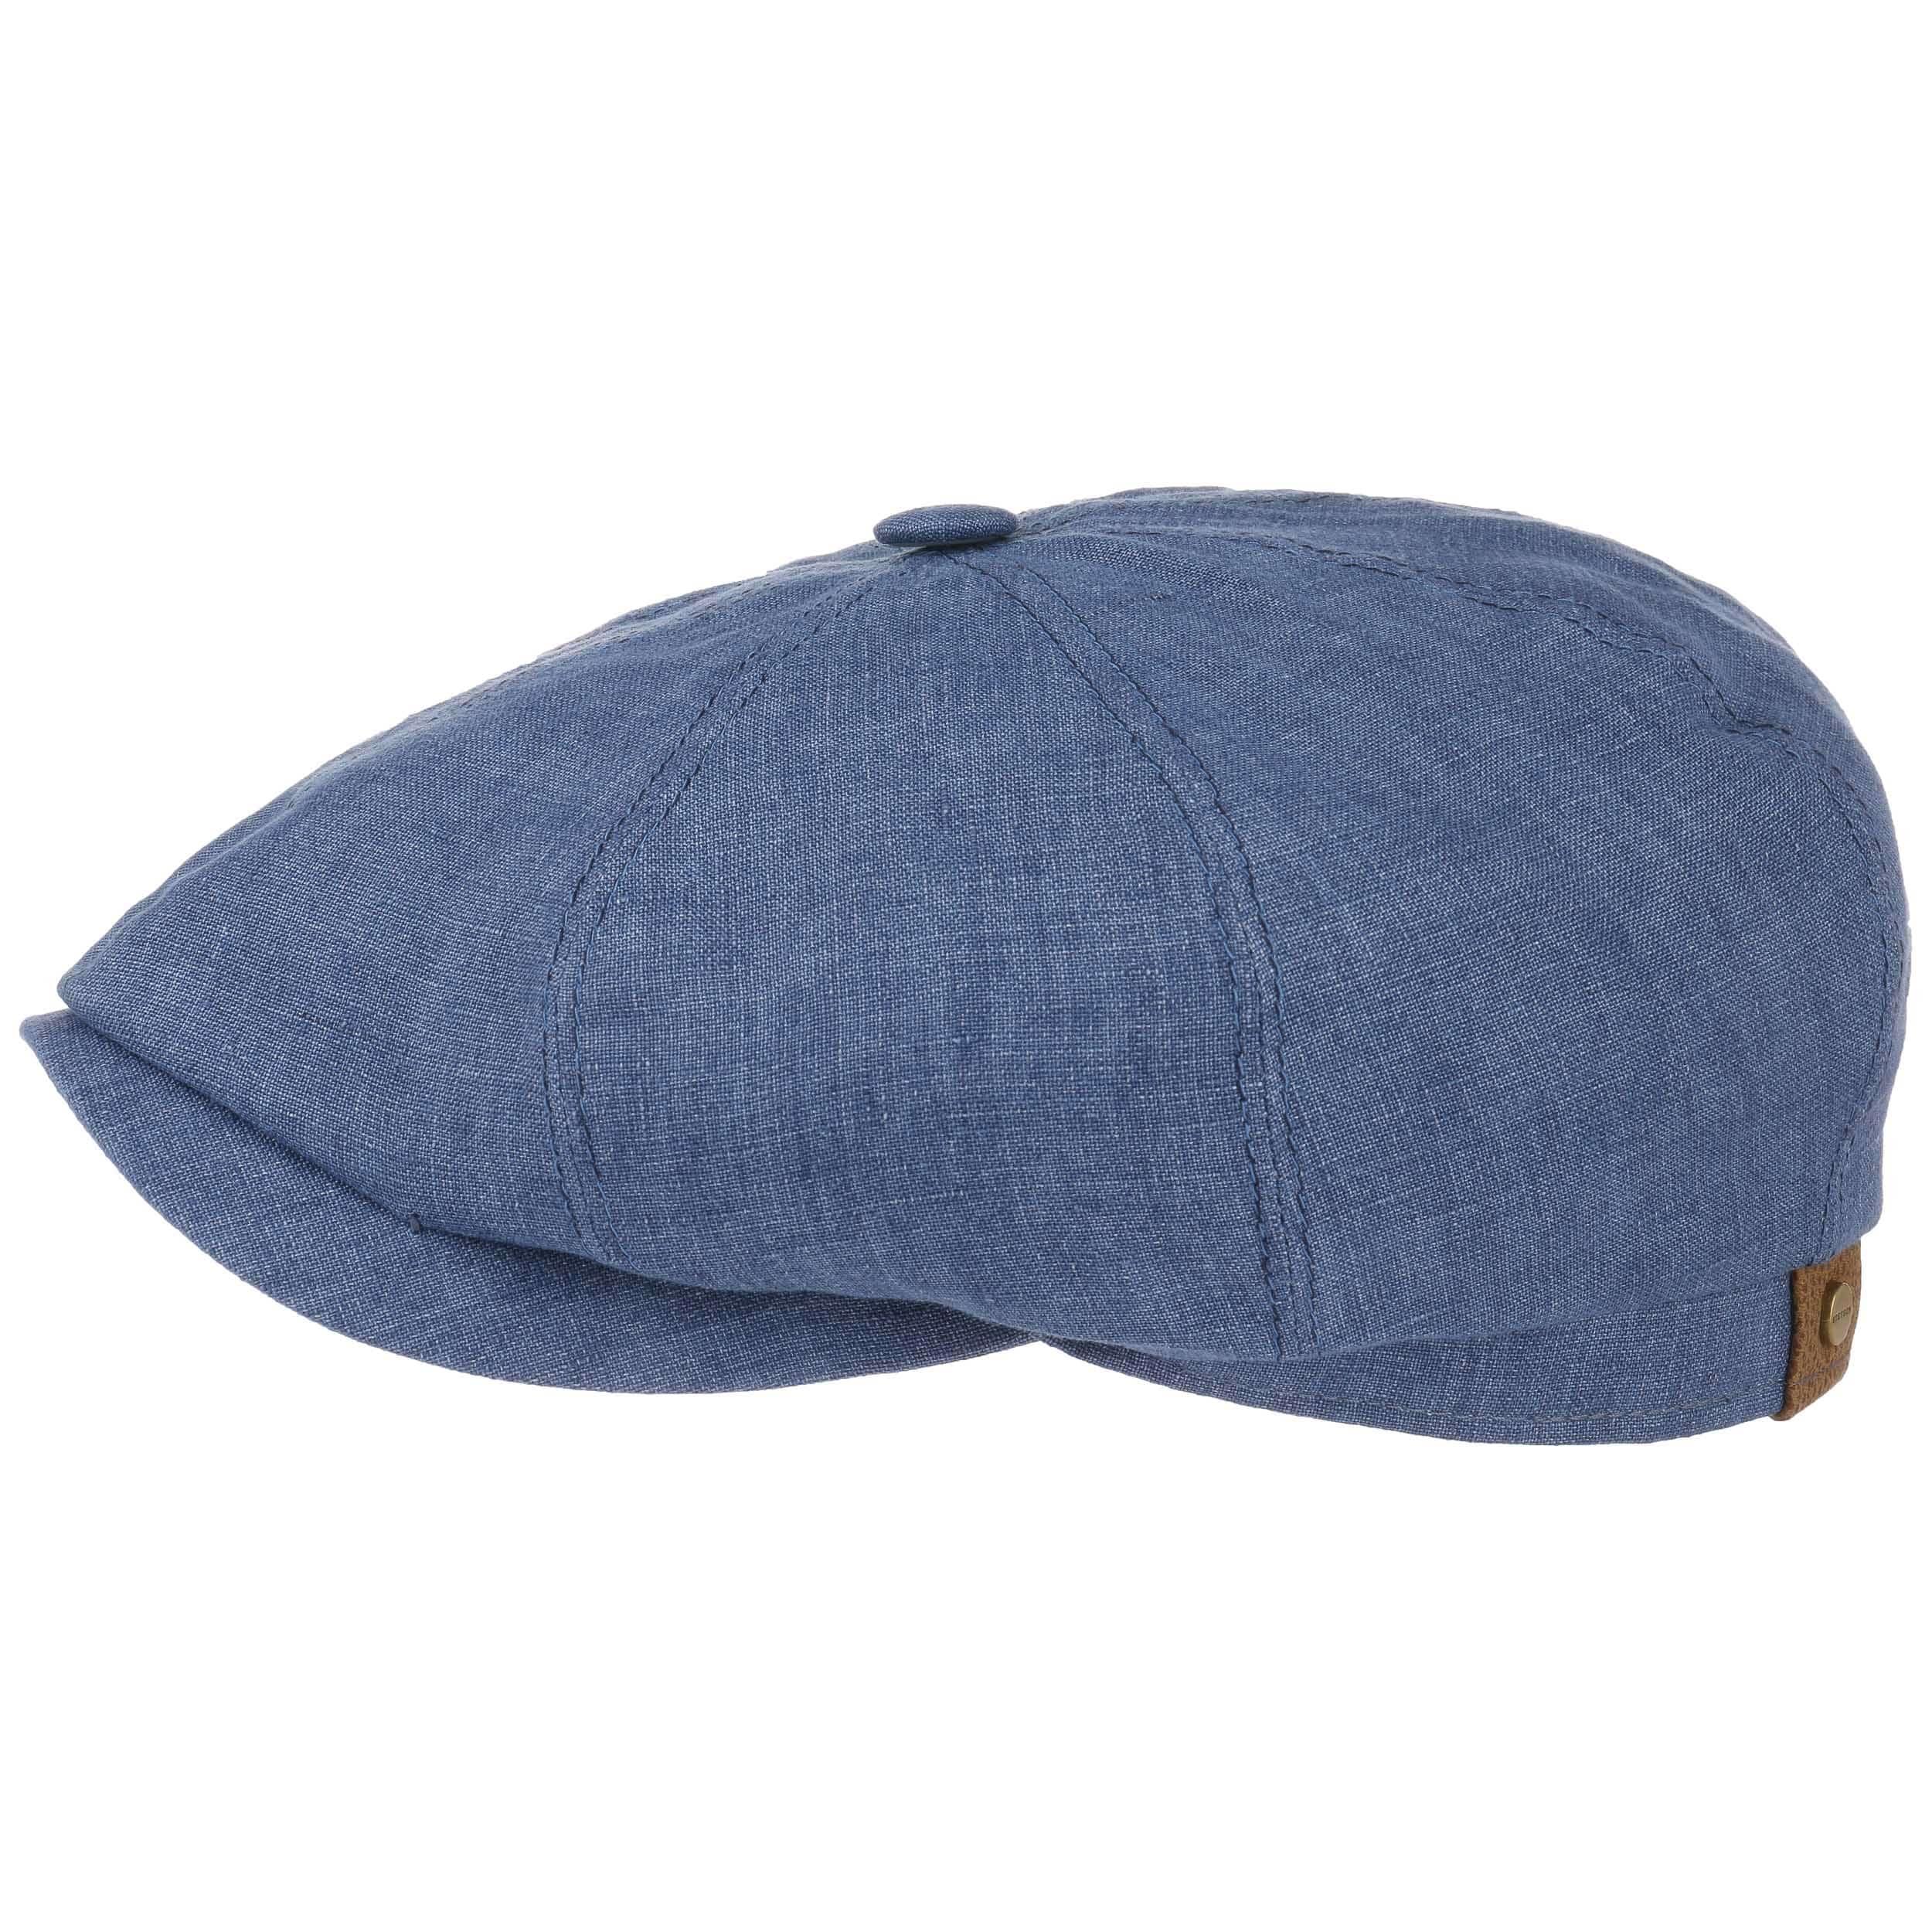 dbdcea05005 ... Hatteras Linen Newsboy Cap by Stetson - blue 4 ...